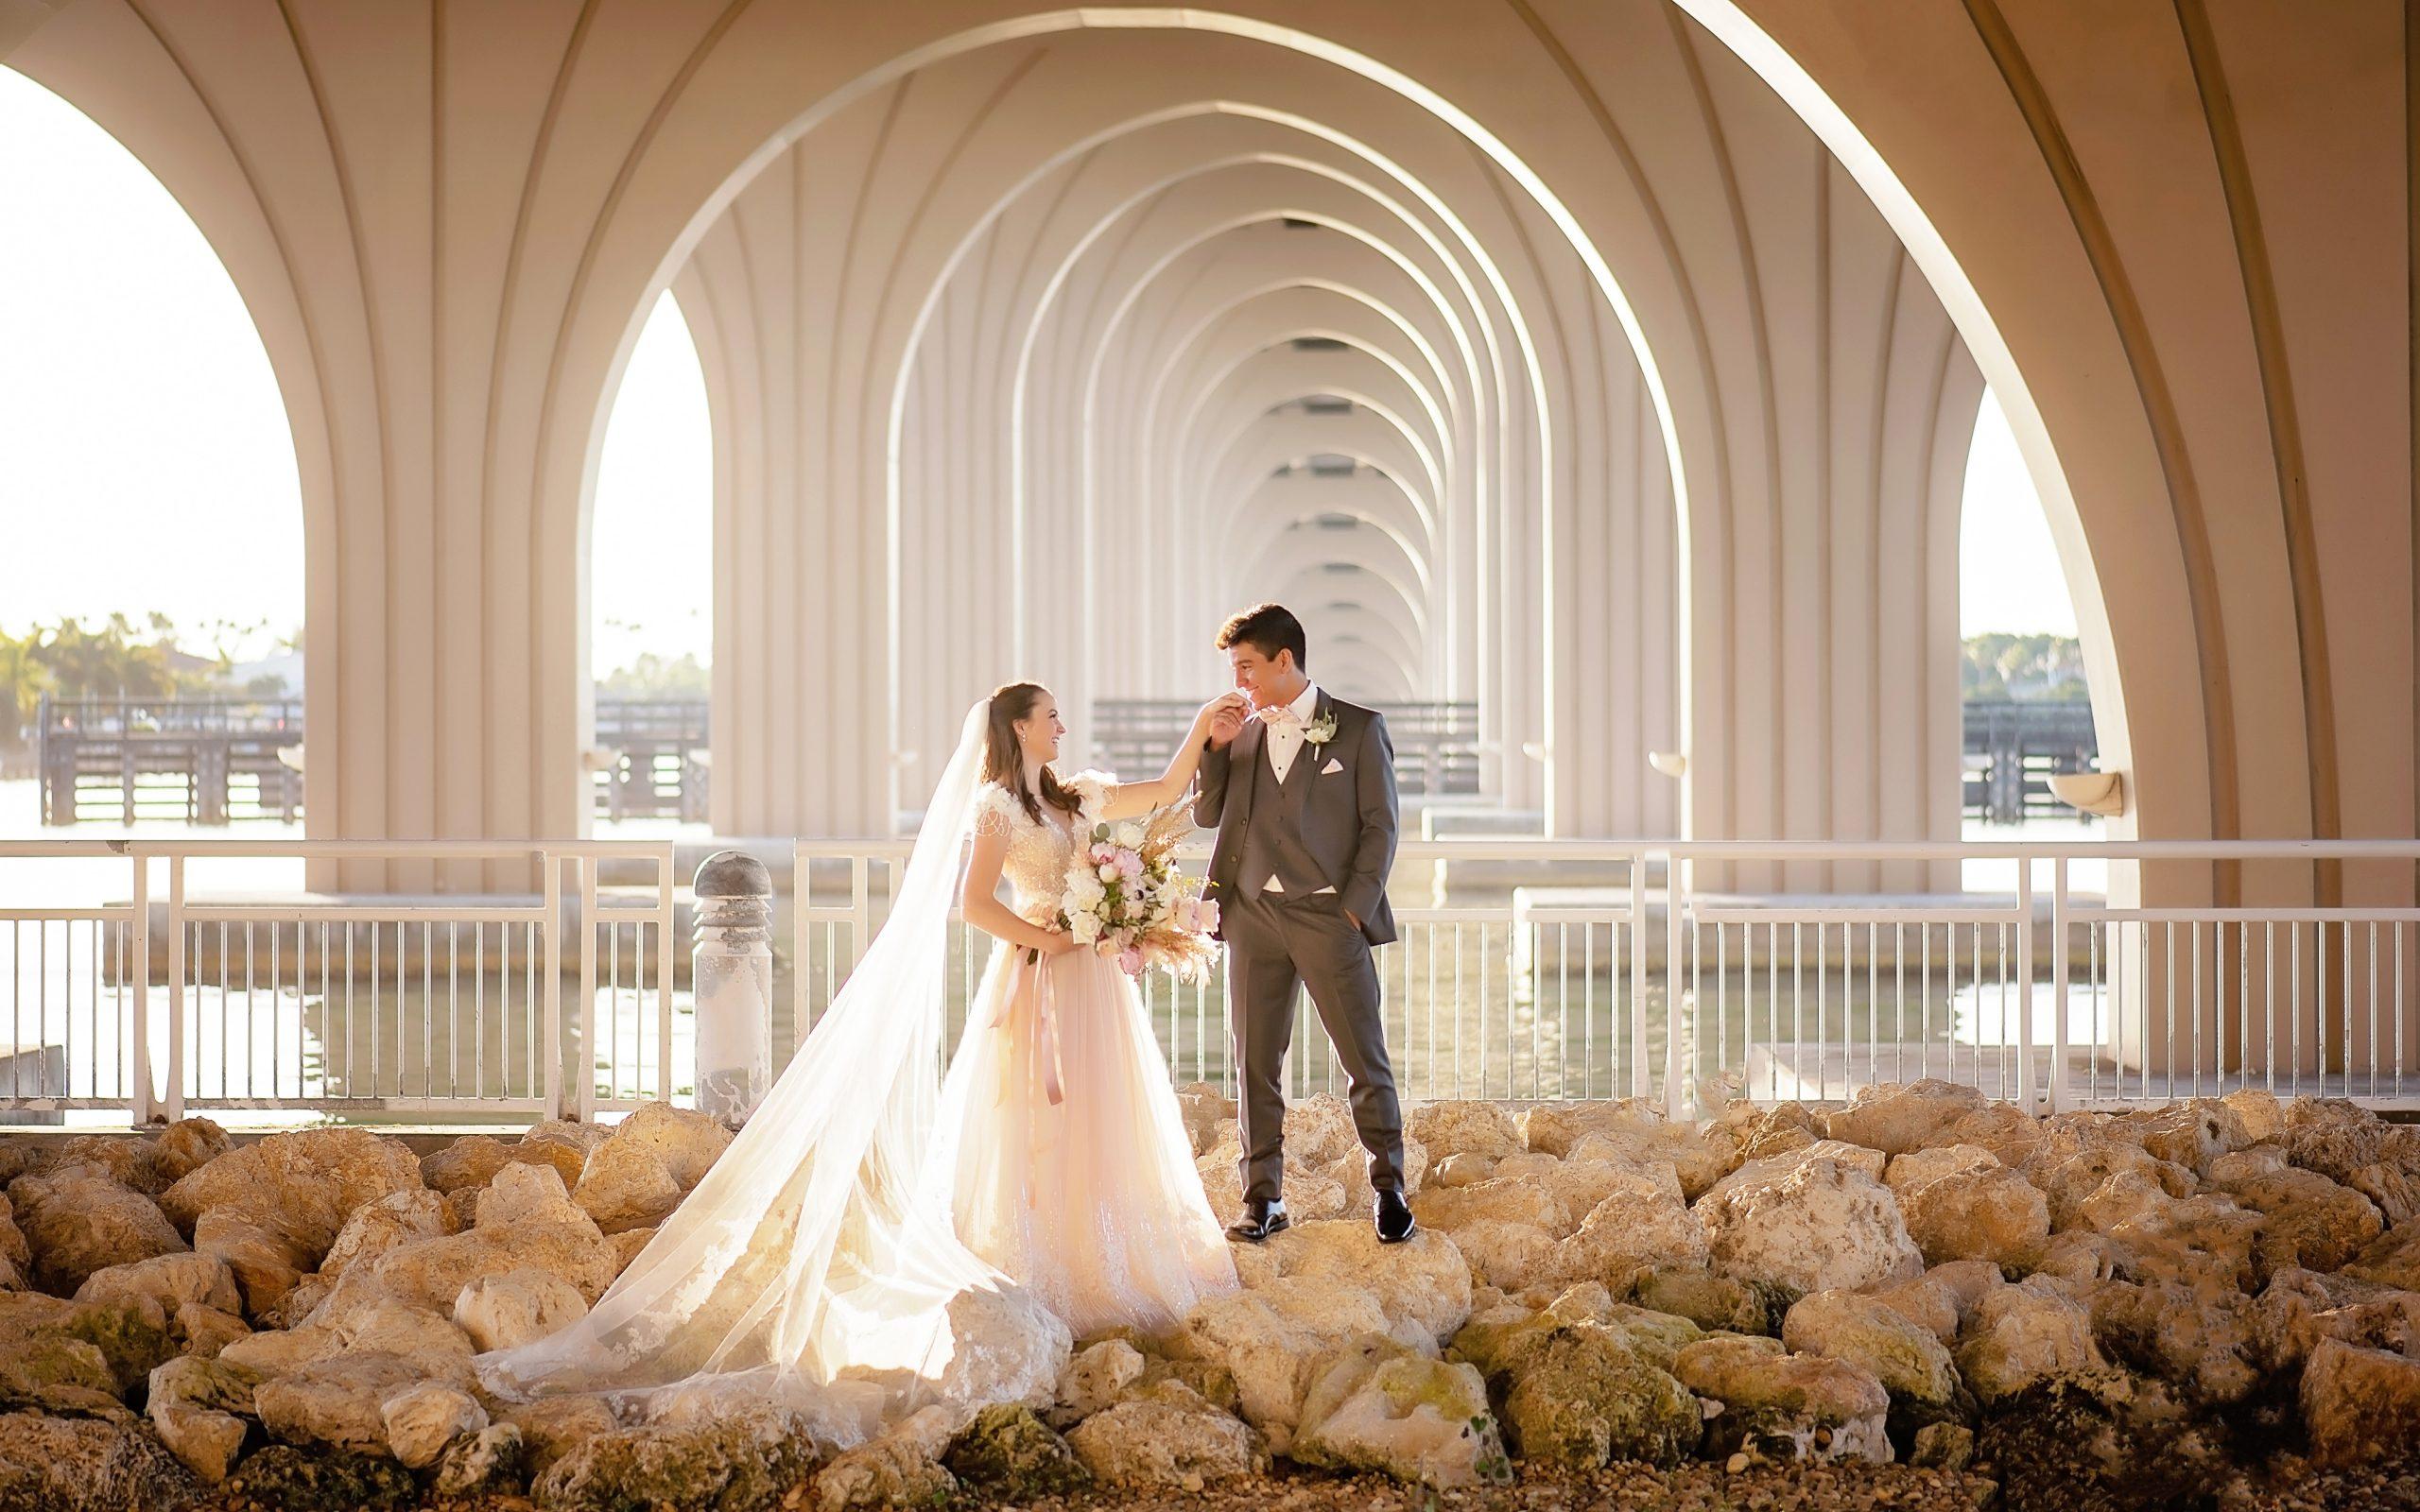 tampa wedding photography, Isla del sol, bride and groom under a bridge